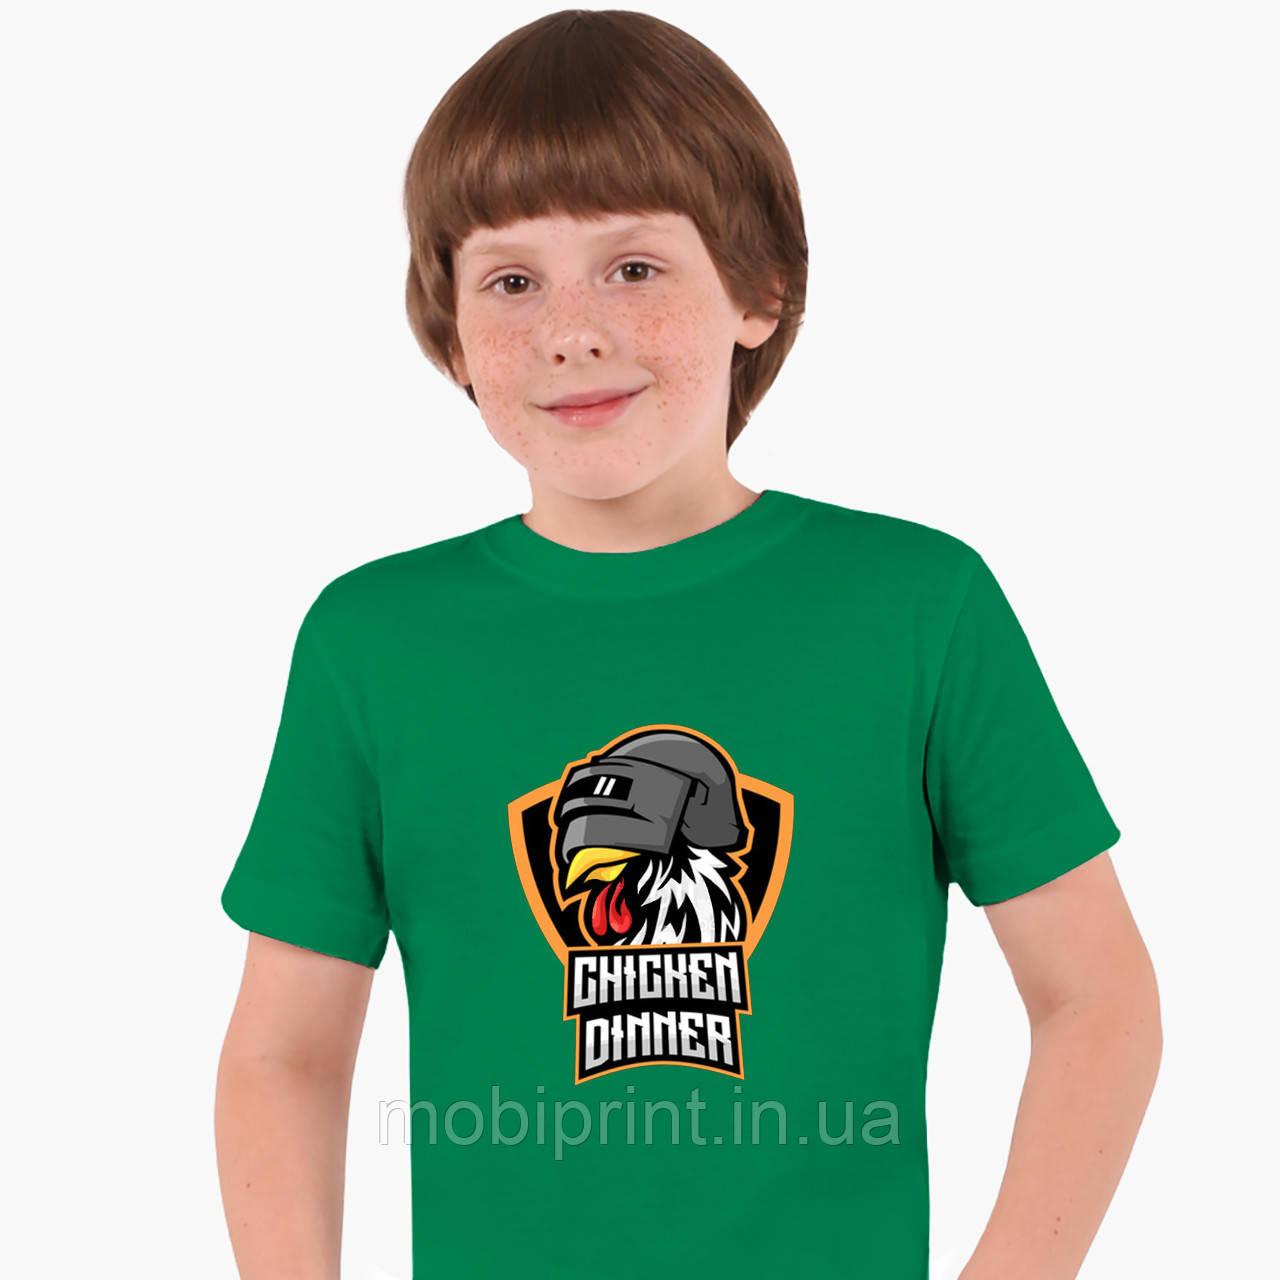 Детская футболка для мальчиков Пубг (Pubg) (25186-1186) Зеленый